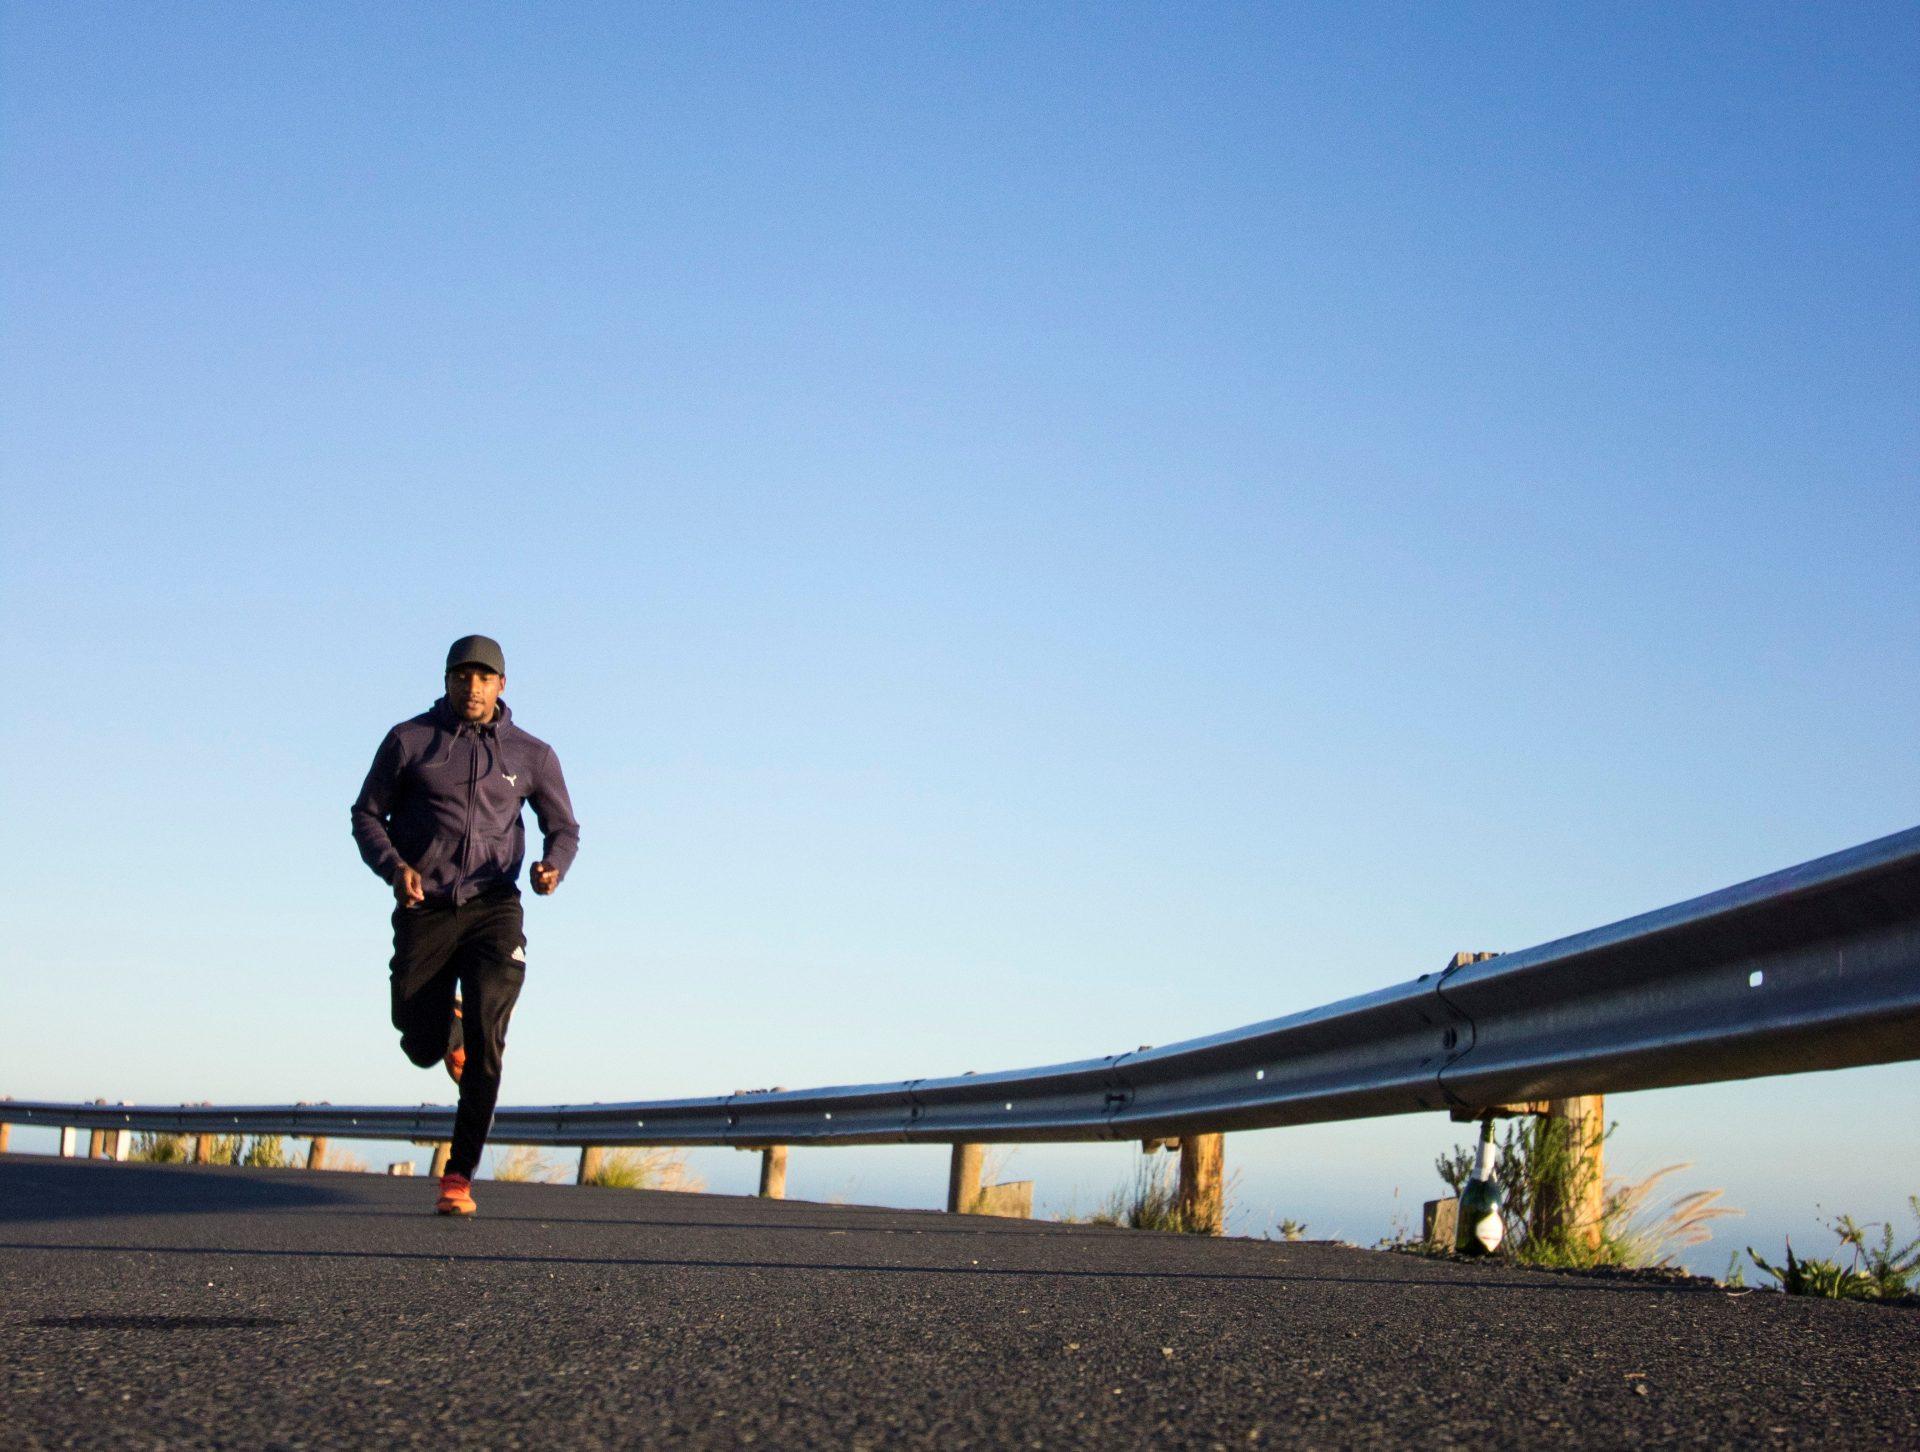 photo-of-man-running-during-daytime-2803158